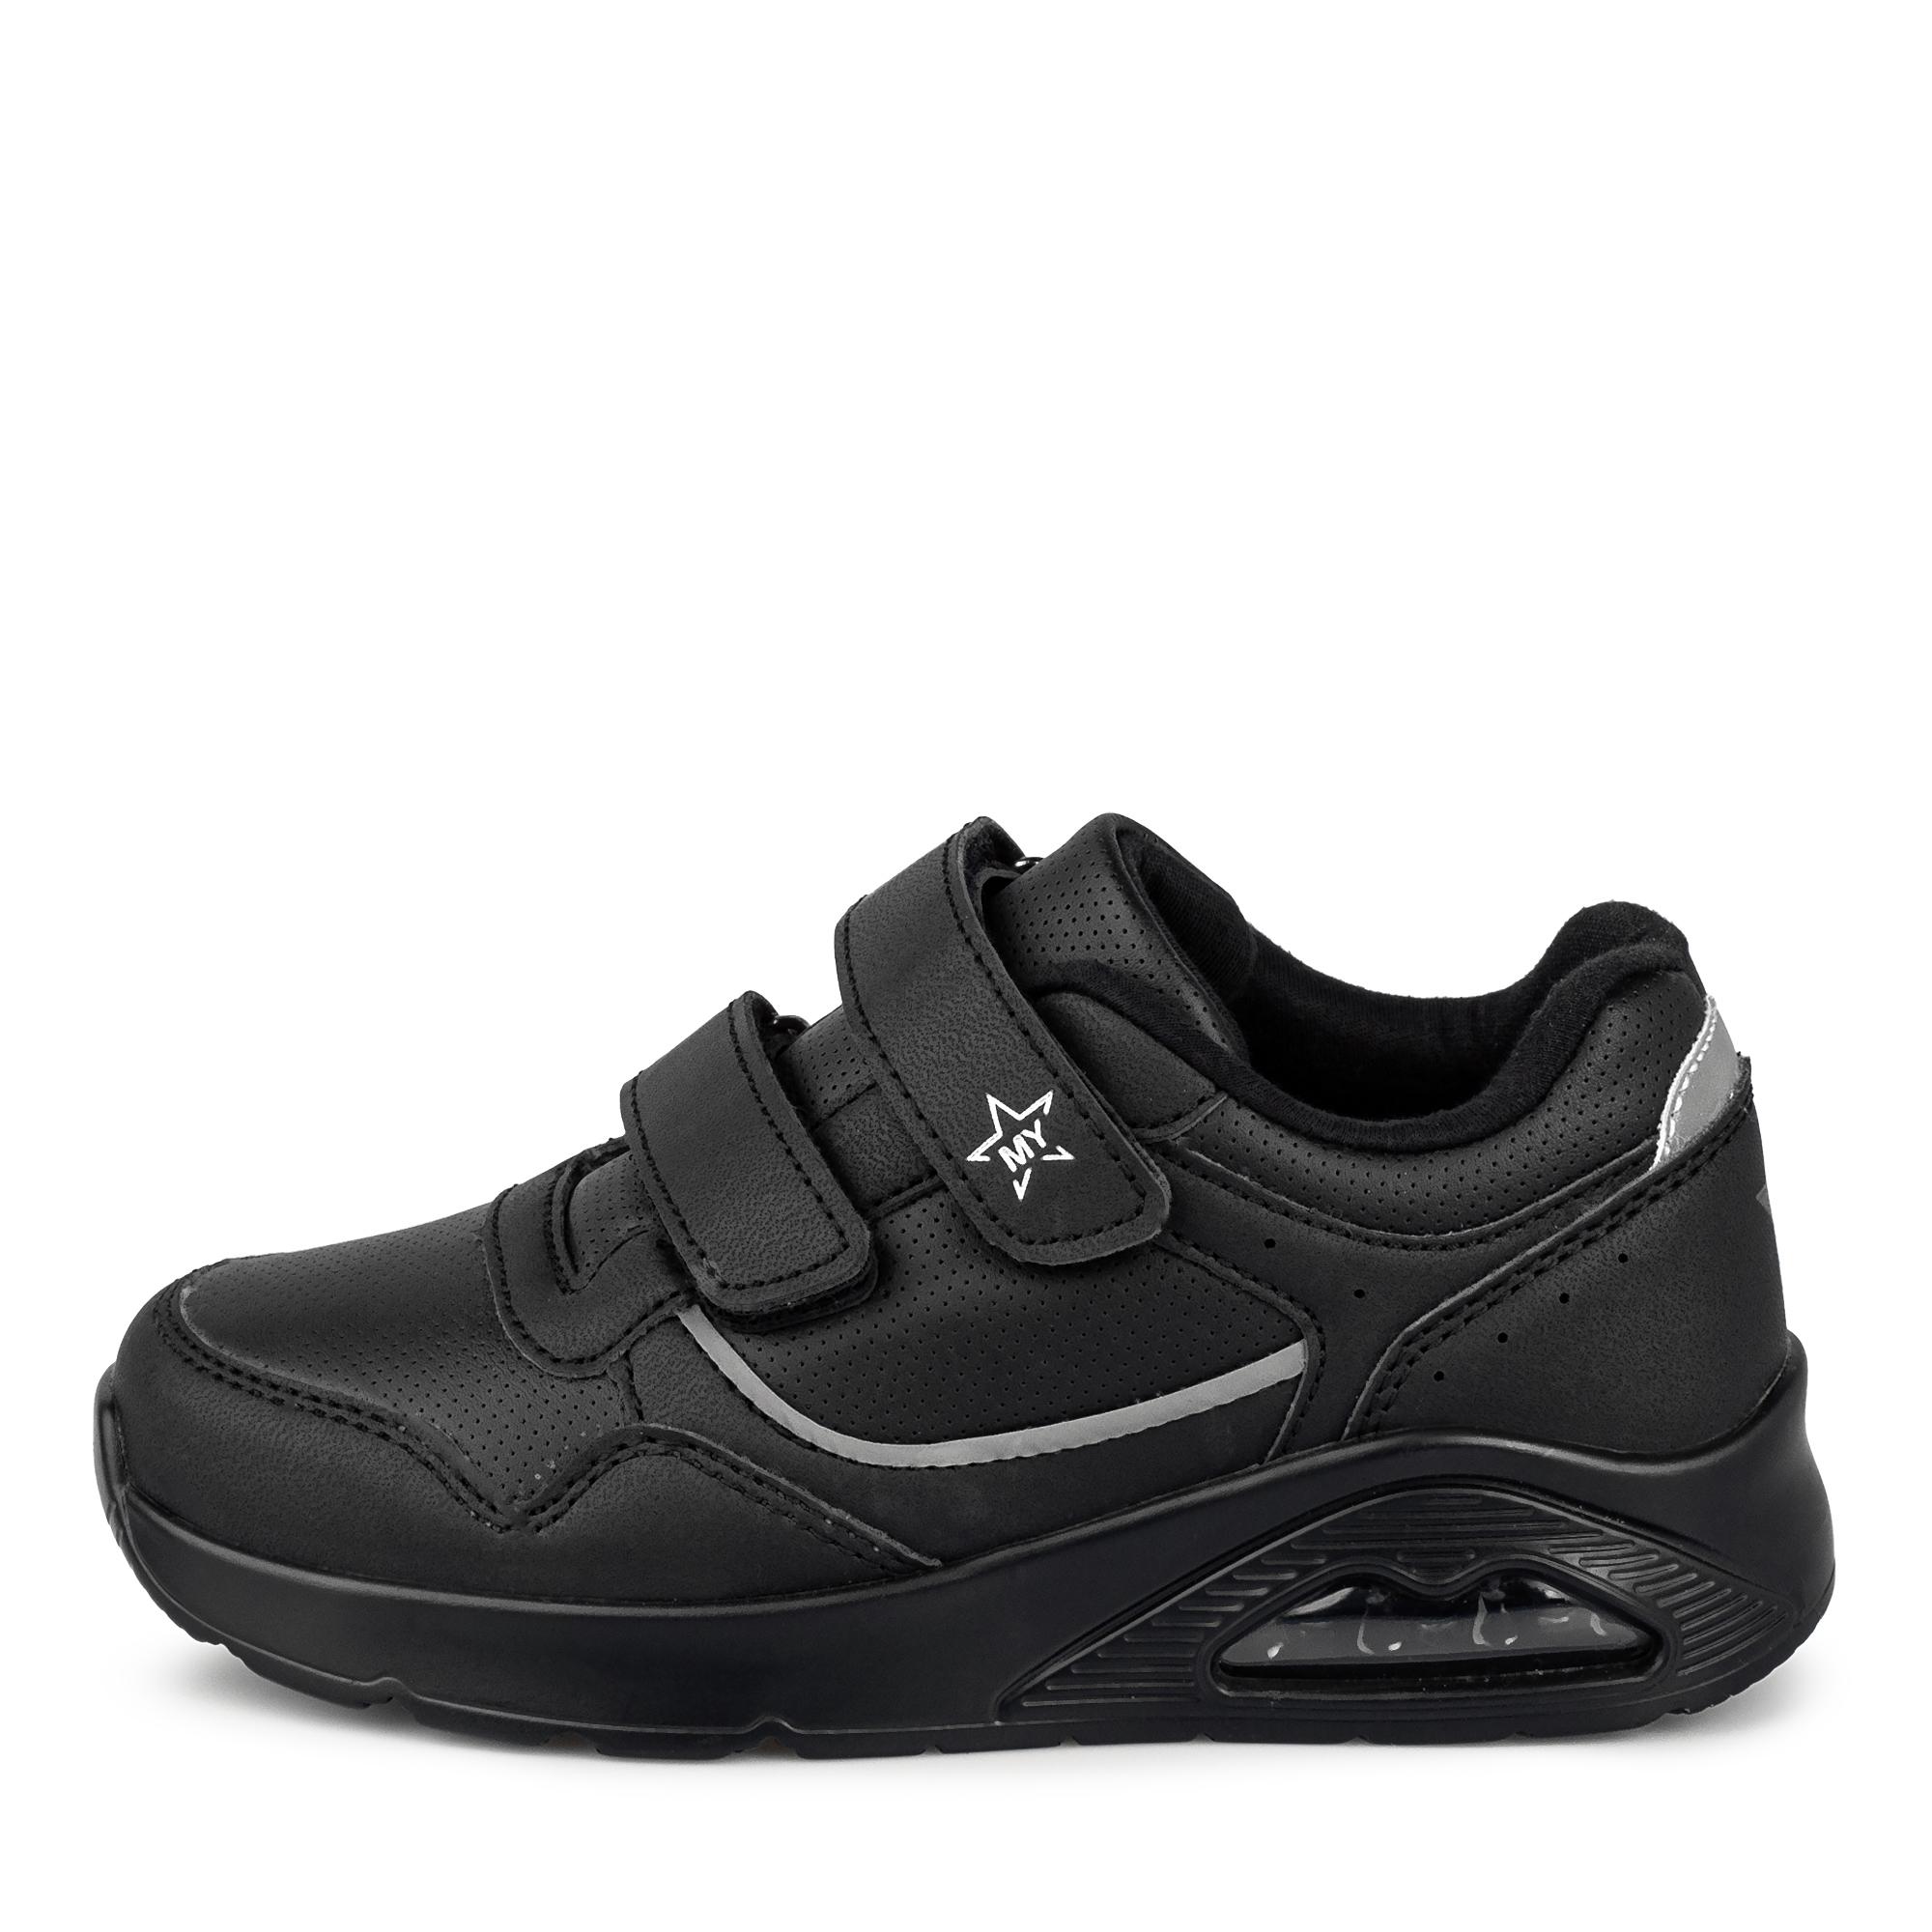 Обувь для мальчиков MUNZ YOUNG 189-149A-2602